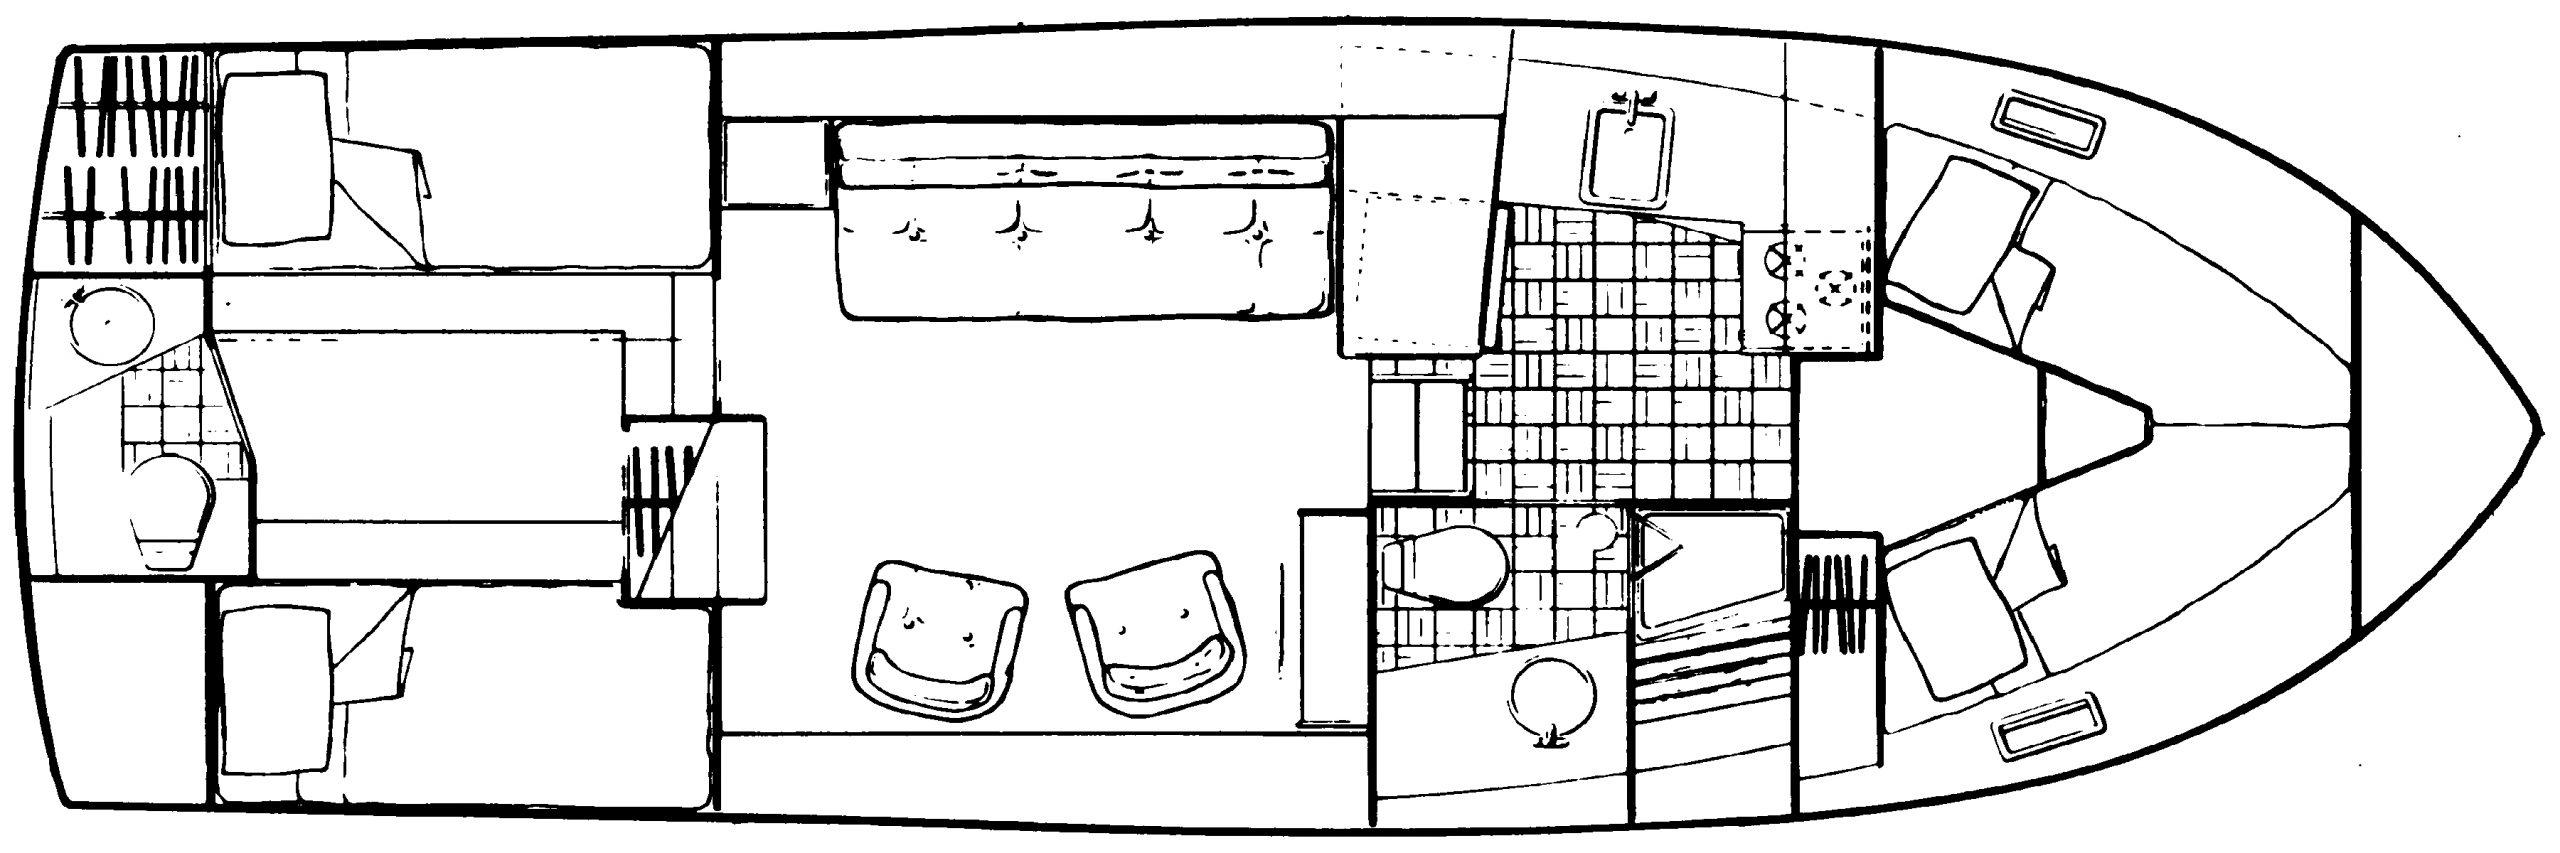 3207 Aft Cabin Floor Plan 2